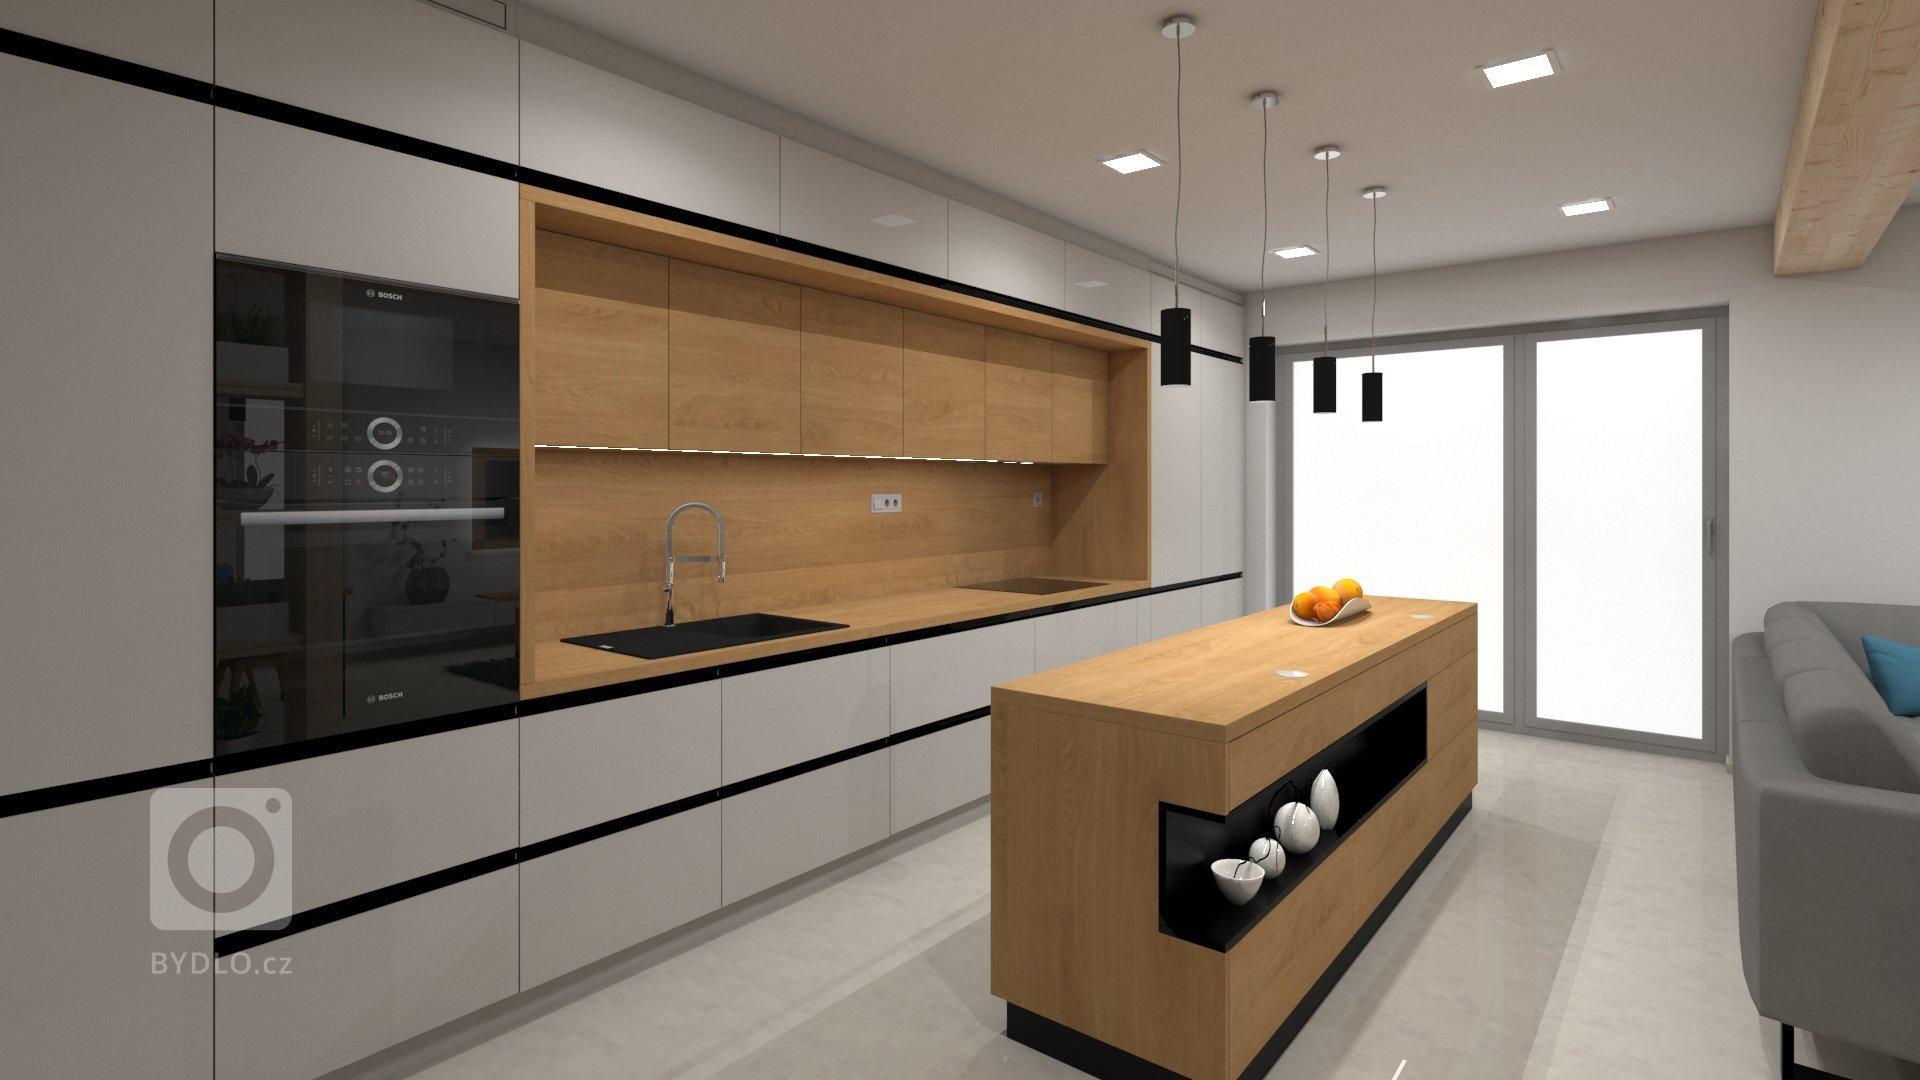 Klientovo zadání znělo, že by chtěl moderní líbivý a dobře uspořádaný interiér kuchyně s obývacím pokojem. Proto jsme zvolili světle šedou supermatnou v…